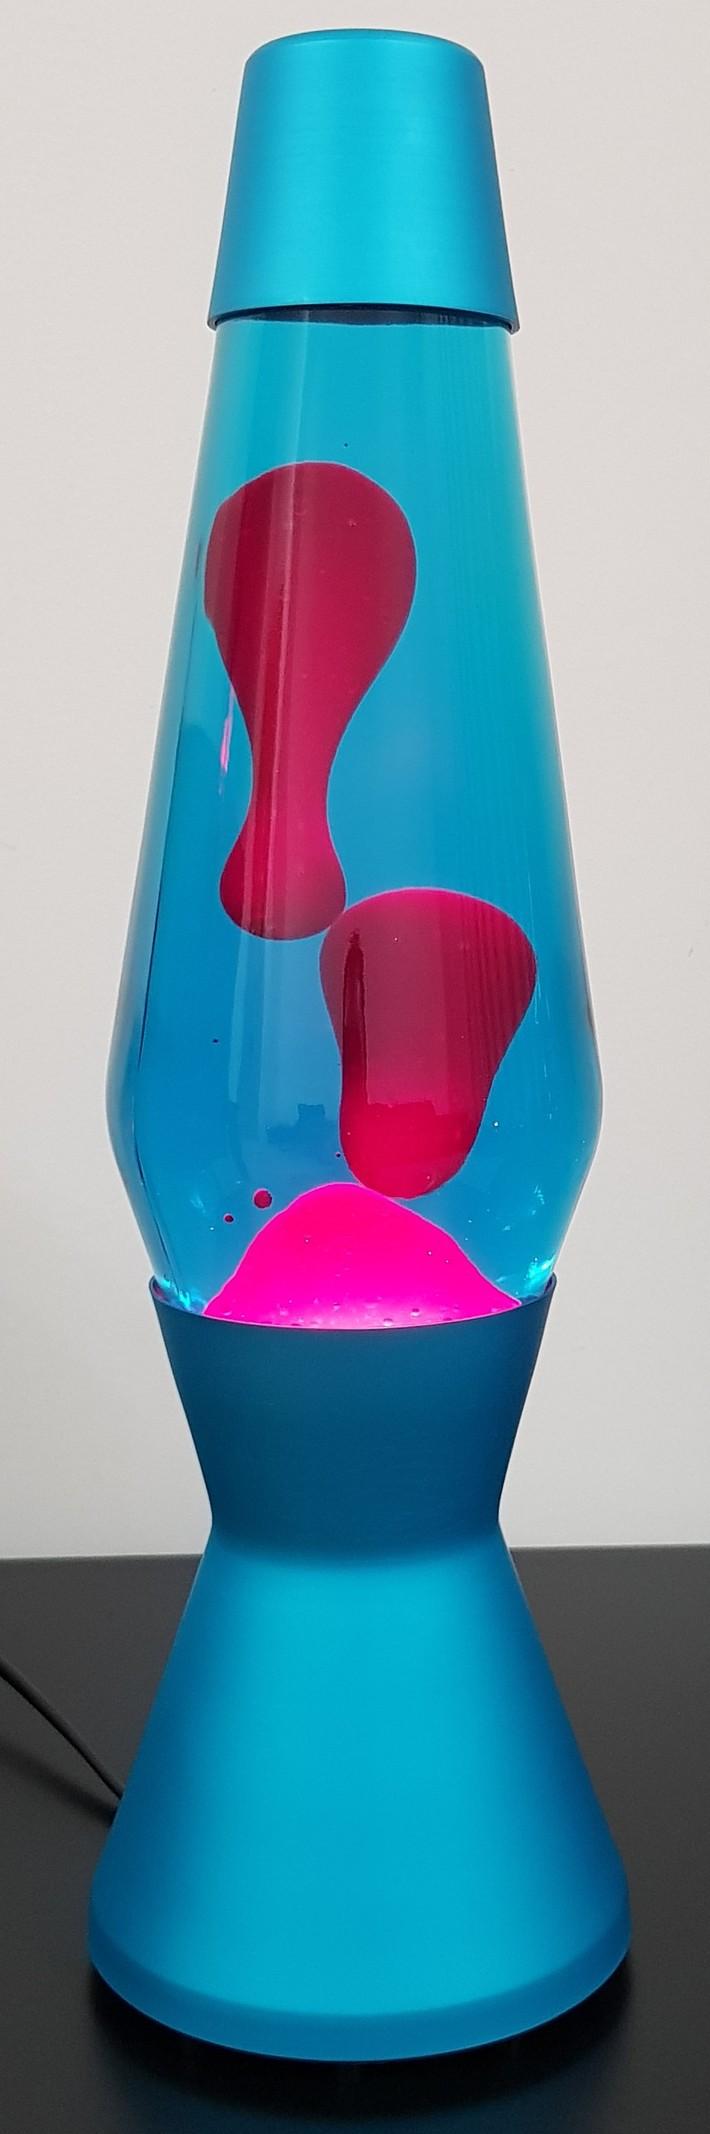 Blue Mathmos Astro - Blue-Red